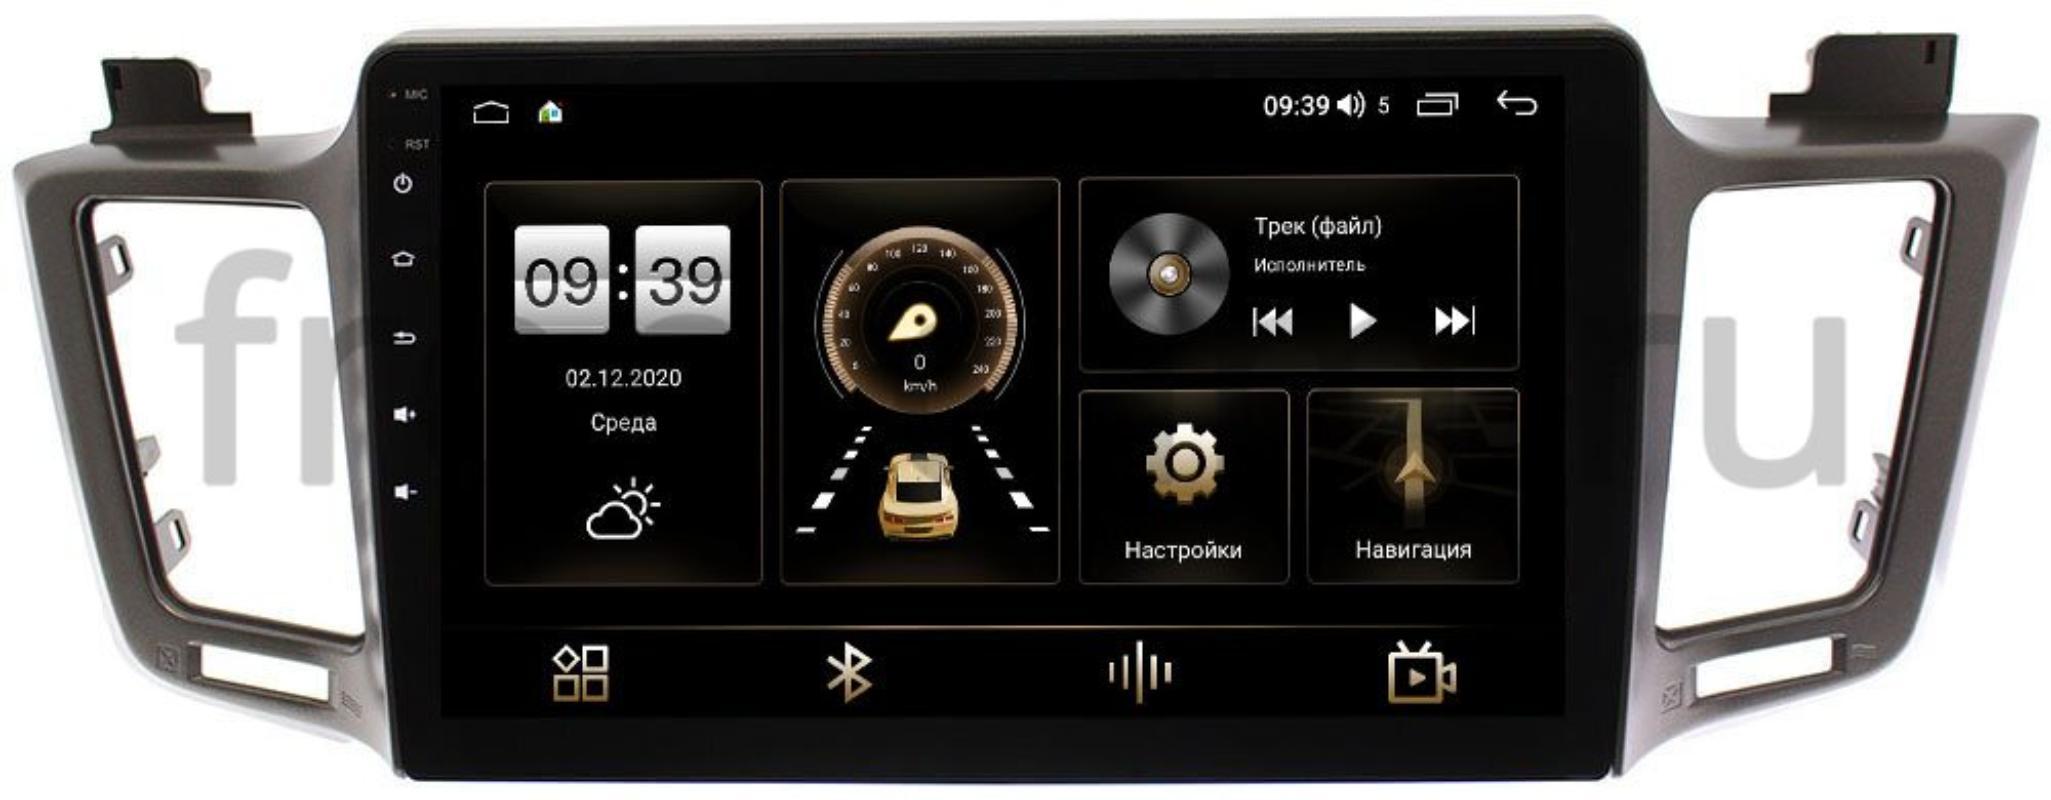 Штатная магнитола Toyota RAV4 (CA40) 2013-2019 LeTrun 4195-1060 (для авто без камеры) на Android 10 (6/128, DSP, QLed) С оптическим выходом (+ Камера заднего вида в подарок!)